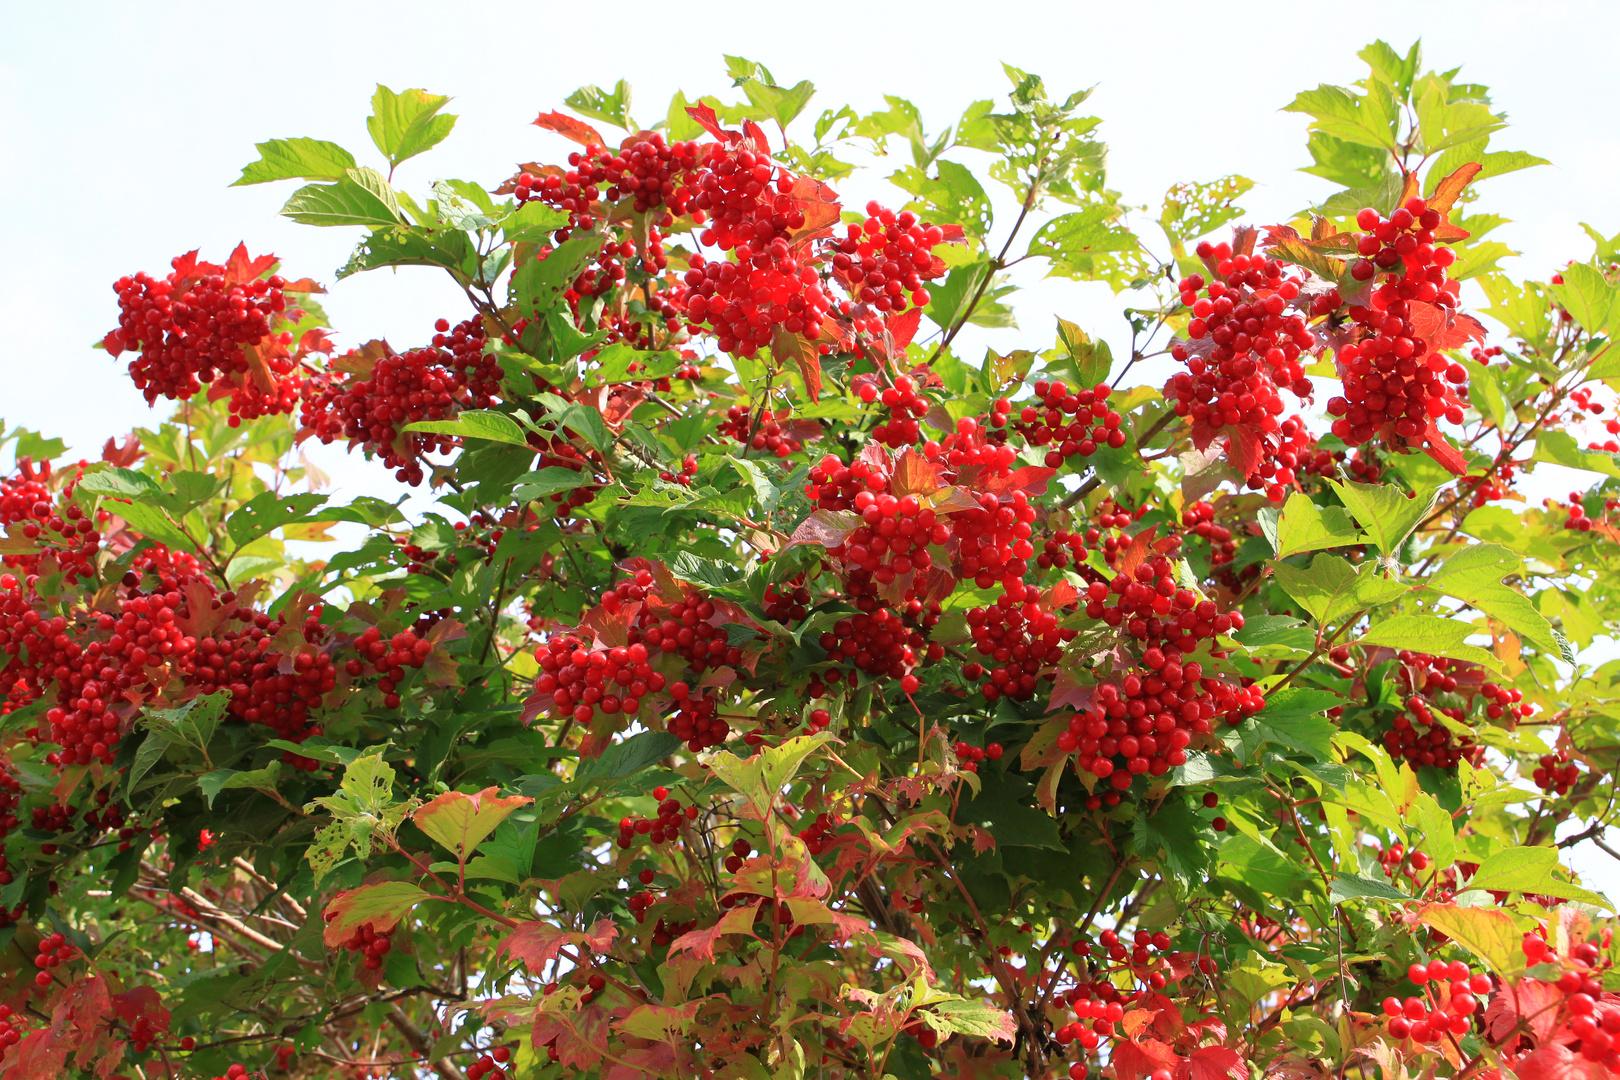 - Der Herbst kündigt sich an...